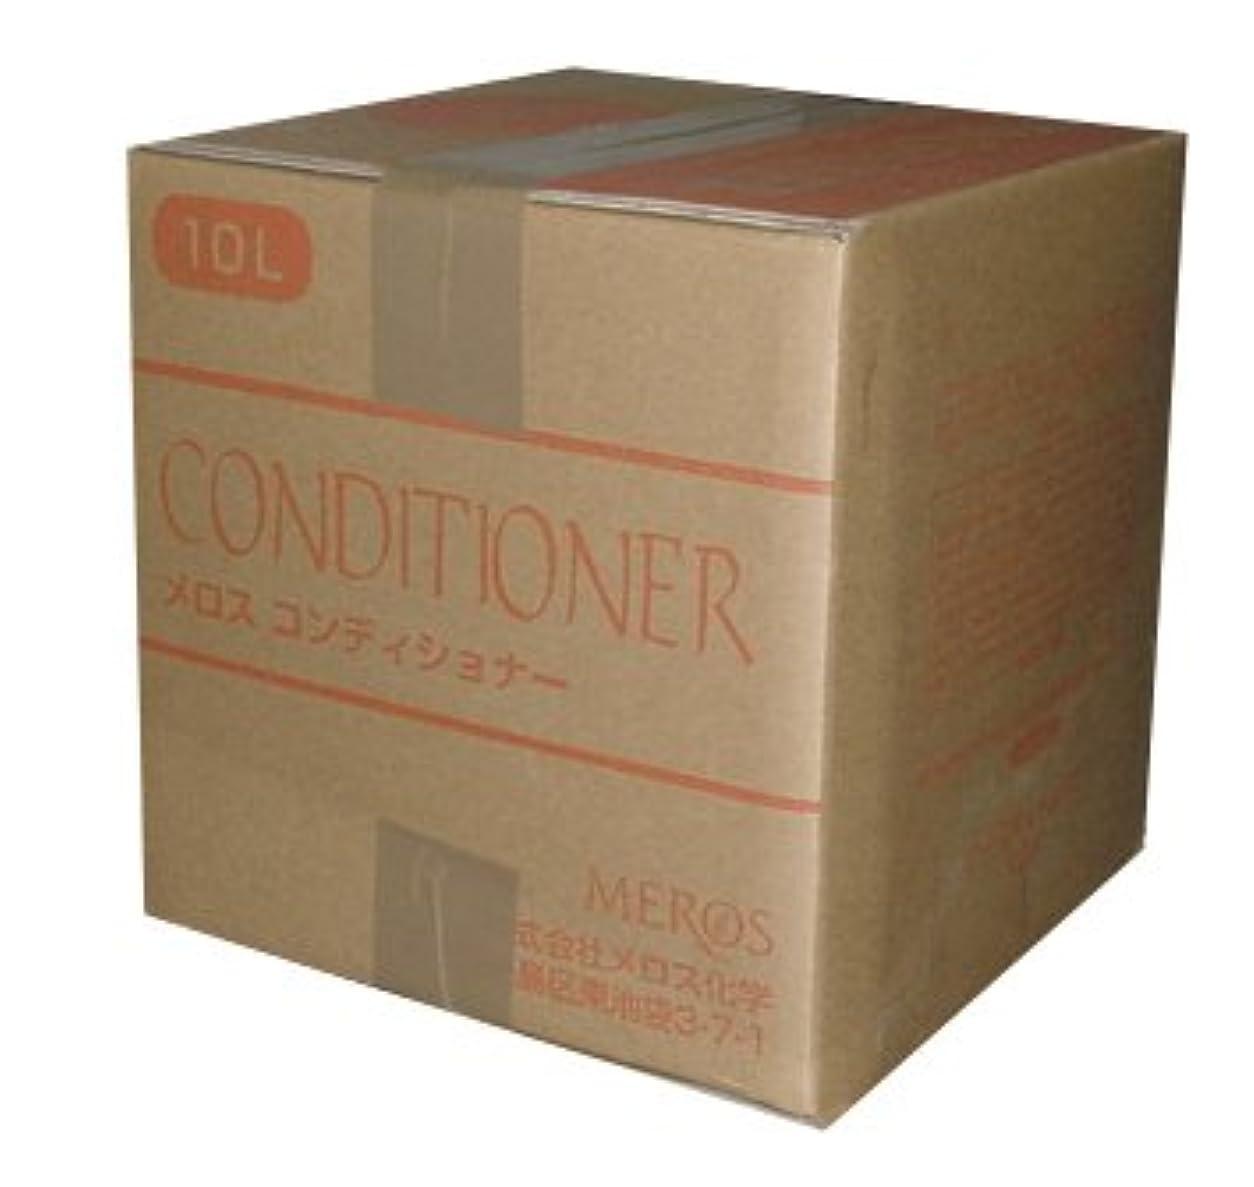 集中的な眠りぺディカブメロス コンディショナー 業務用 10L / 詰め替え (メロス化学)業務用コンディショナー